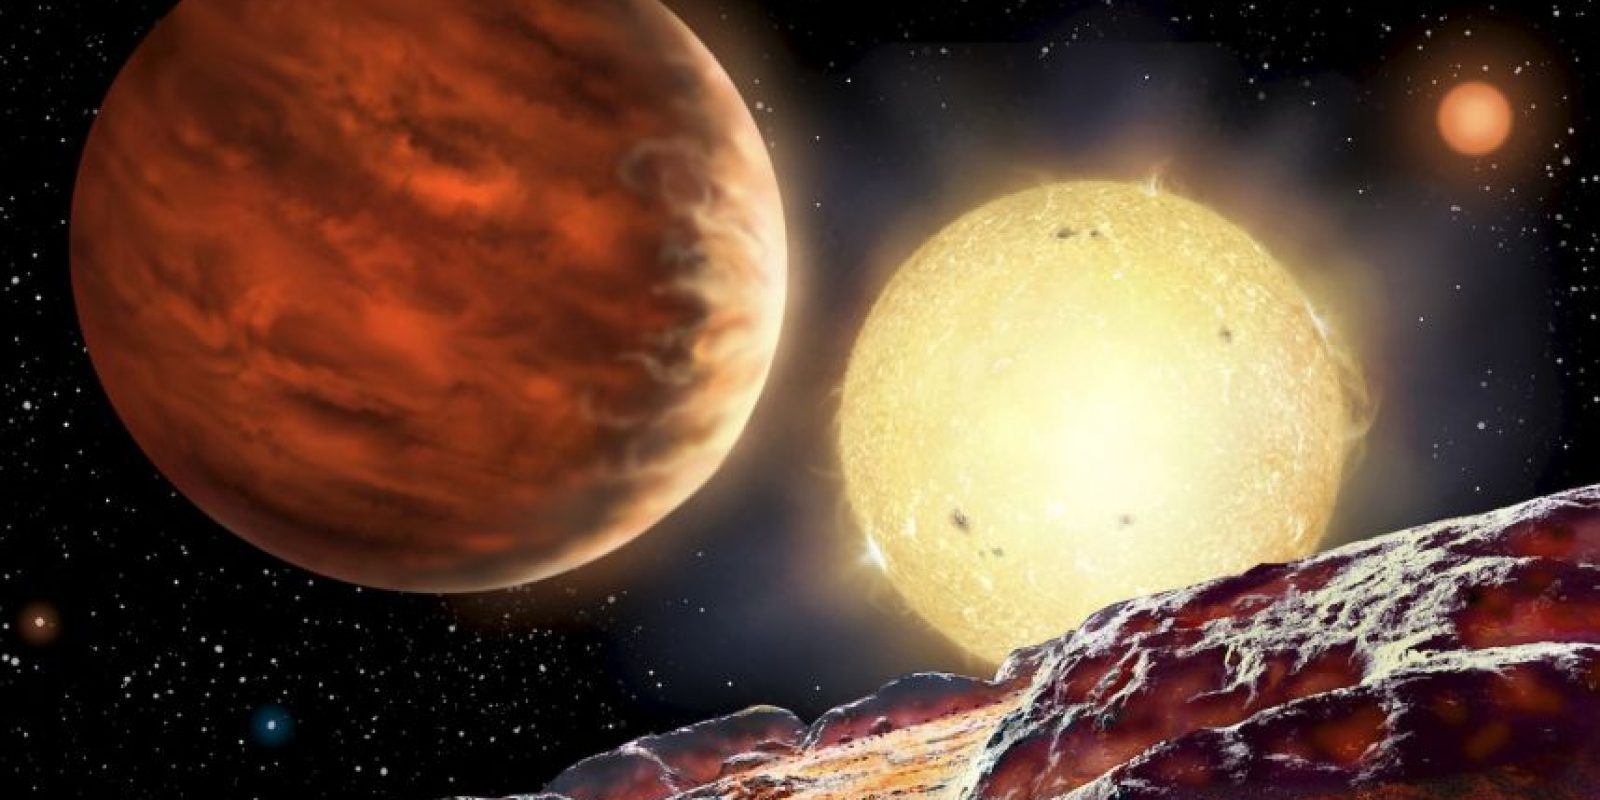 mpresión artística del planeta de Tom Wagg, WASP-142b, en órbita alrededor de su estrella, WASP-142. El planeta se representa como se ve desde una luna hipotética. Una segunda estrella, más tenue se ve en el fondo. Al ser 1000 años luz de distancia, el planeta es demasiado lejos para obtener una imagen directa. Foto: David A. Hardy